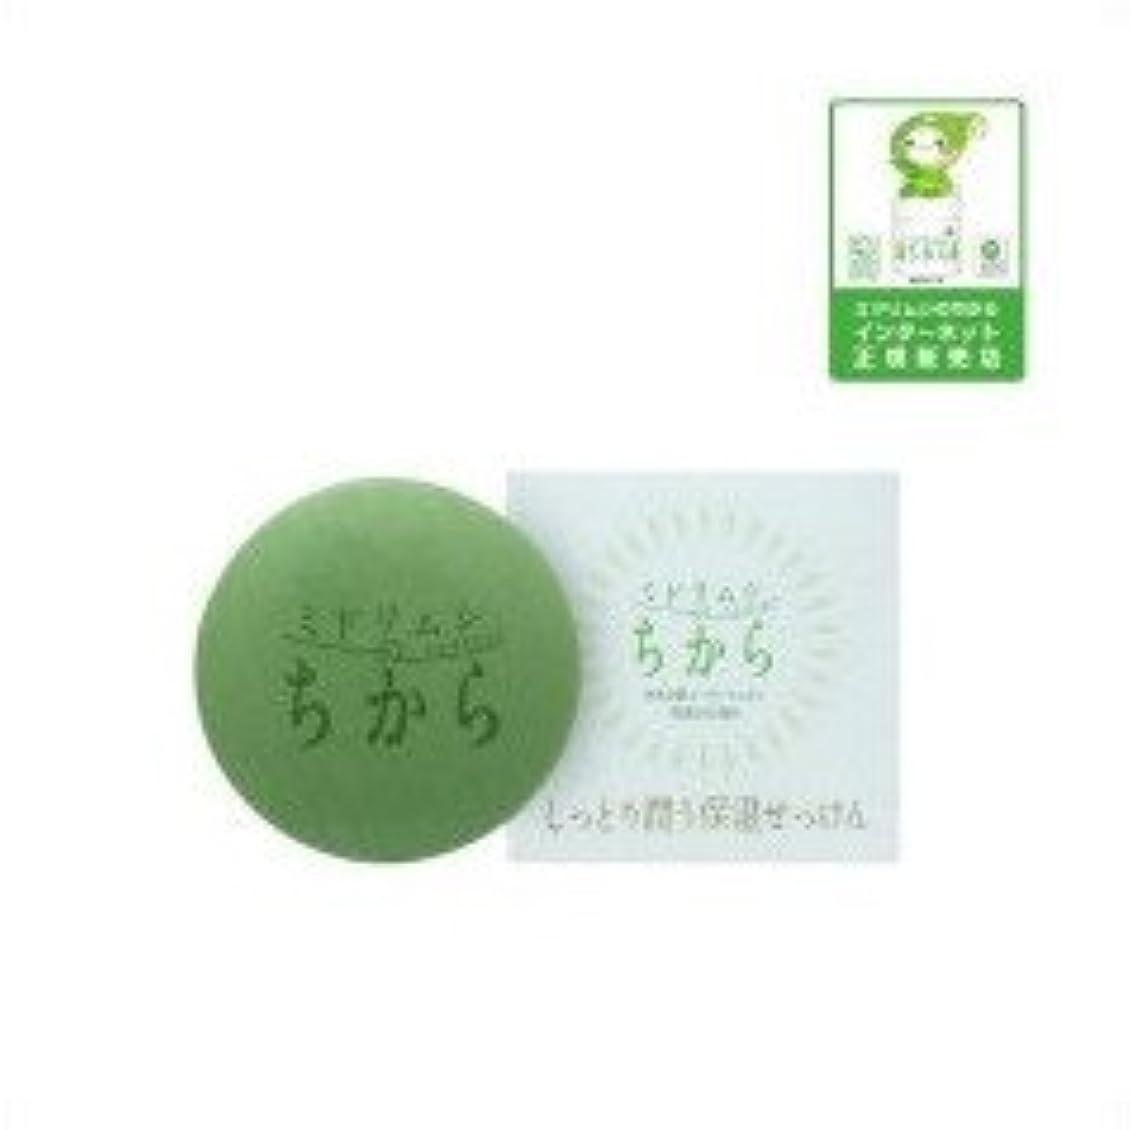 連想プレミア消毒剤ユーグレナ ミドリムシのちから しっとり潤う保湿せっけん 100g